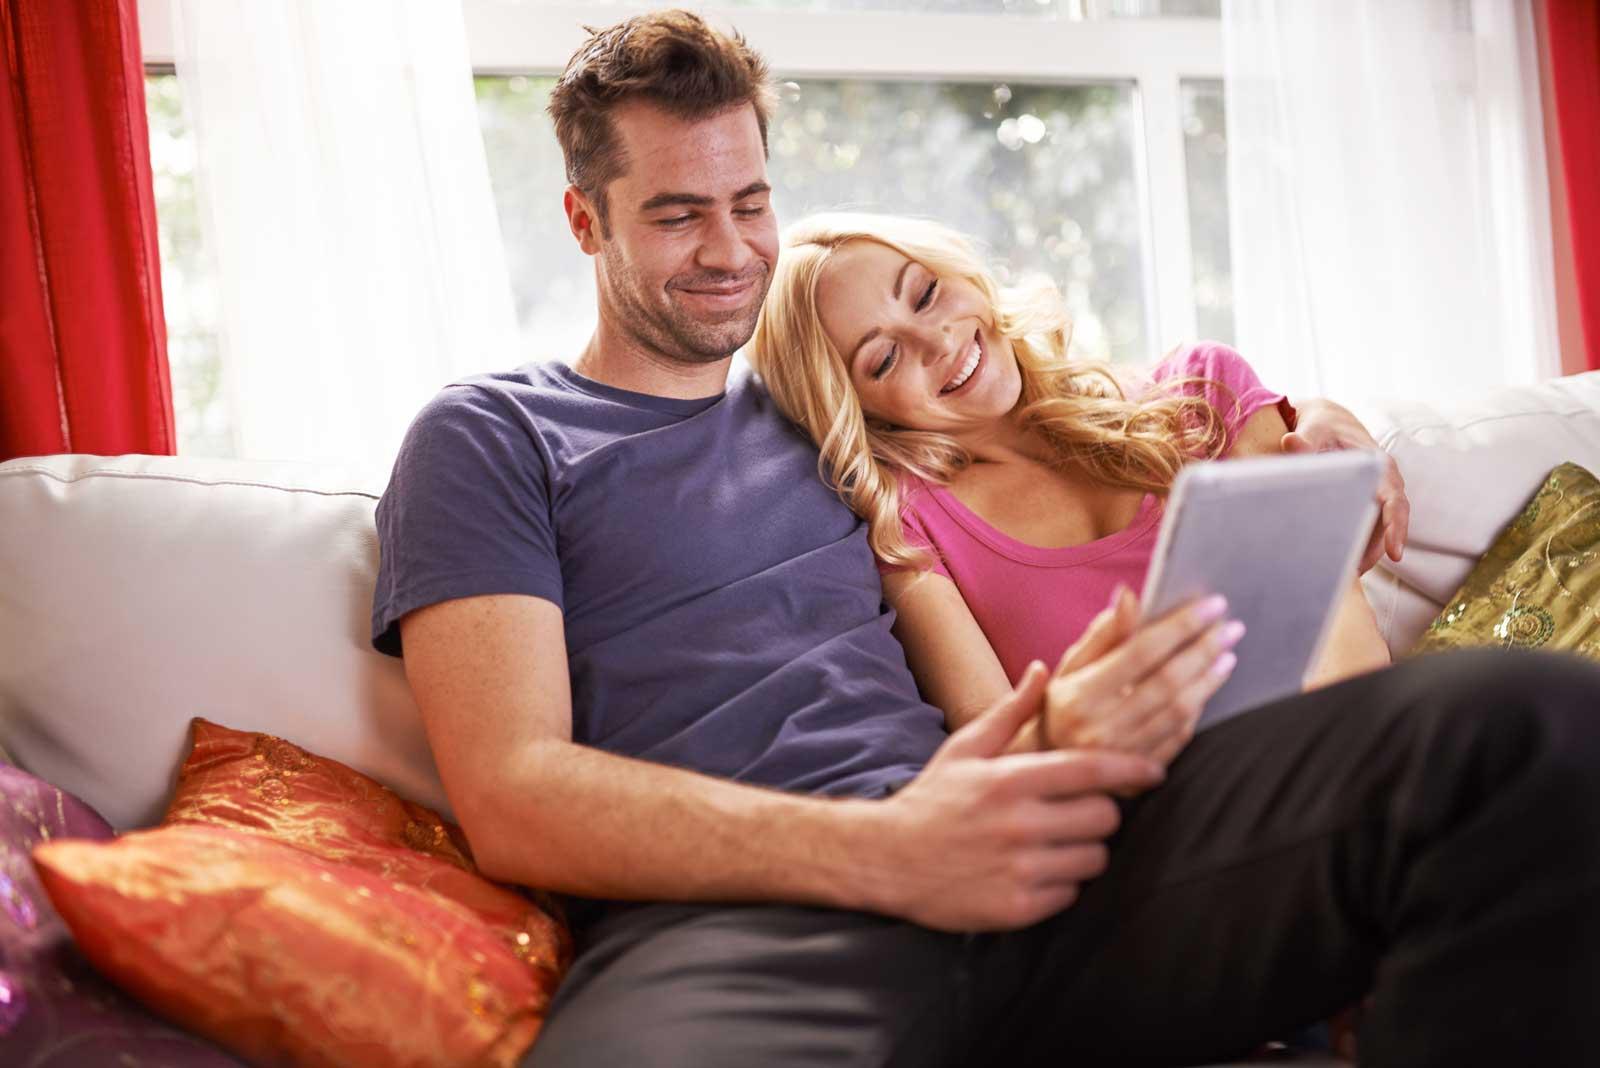 Divi noteikumi, kas izmainīs jūsu privāto dzīvi uz visiem laikiem